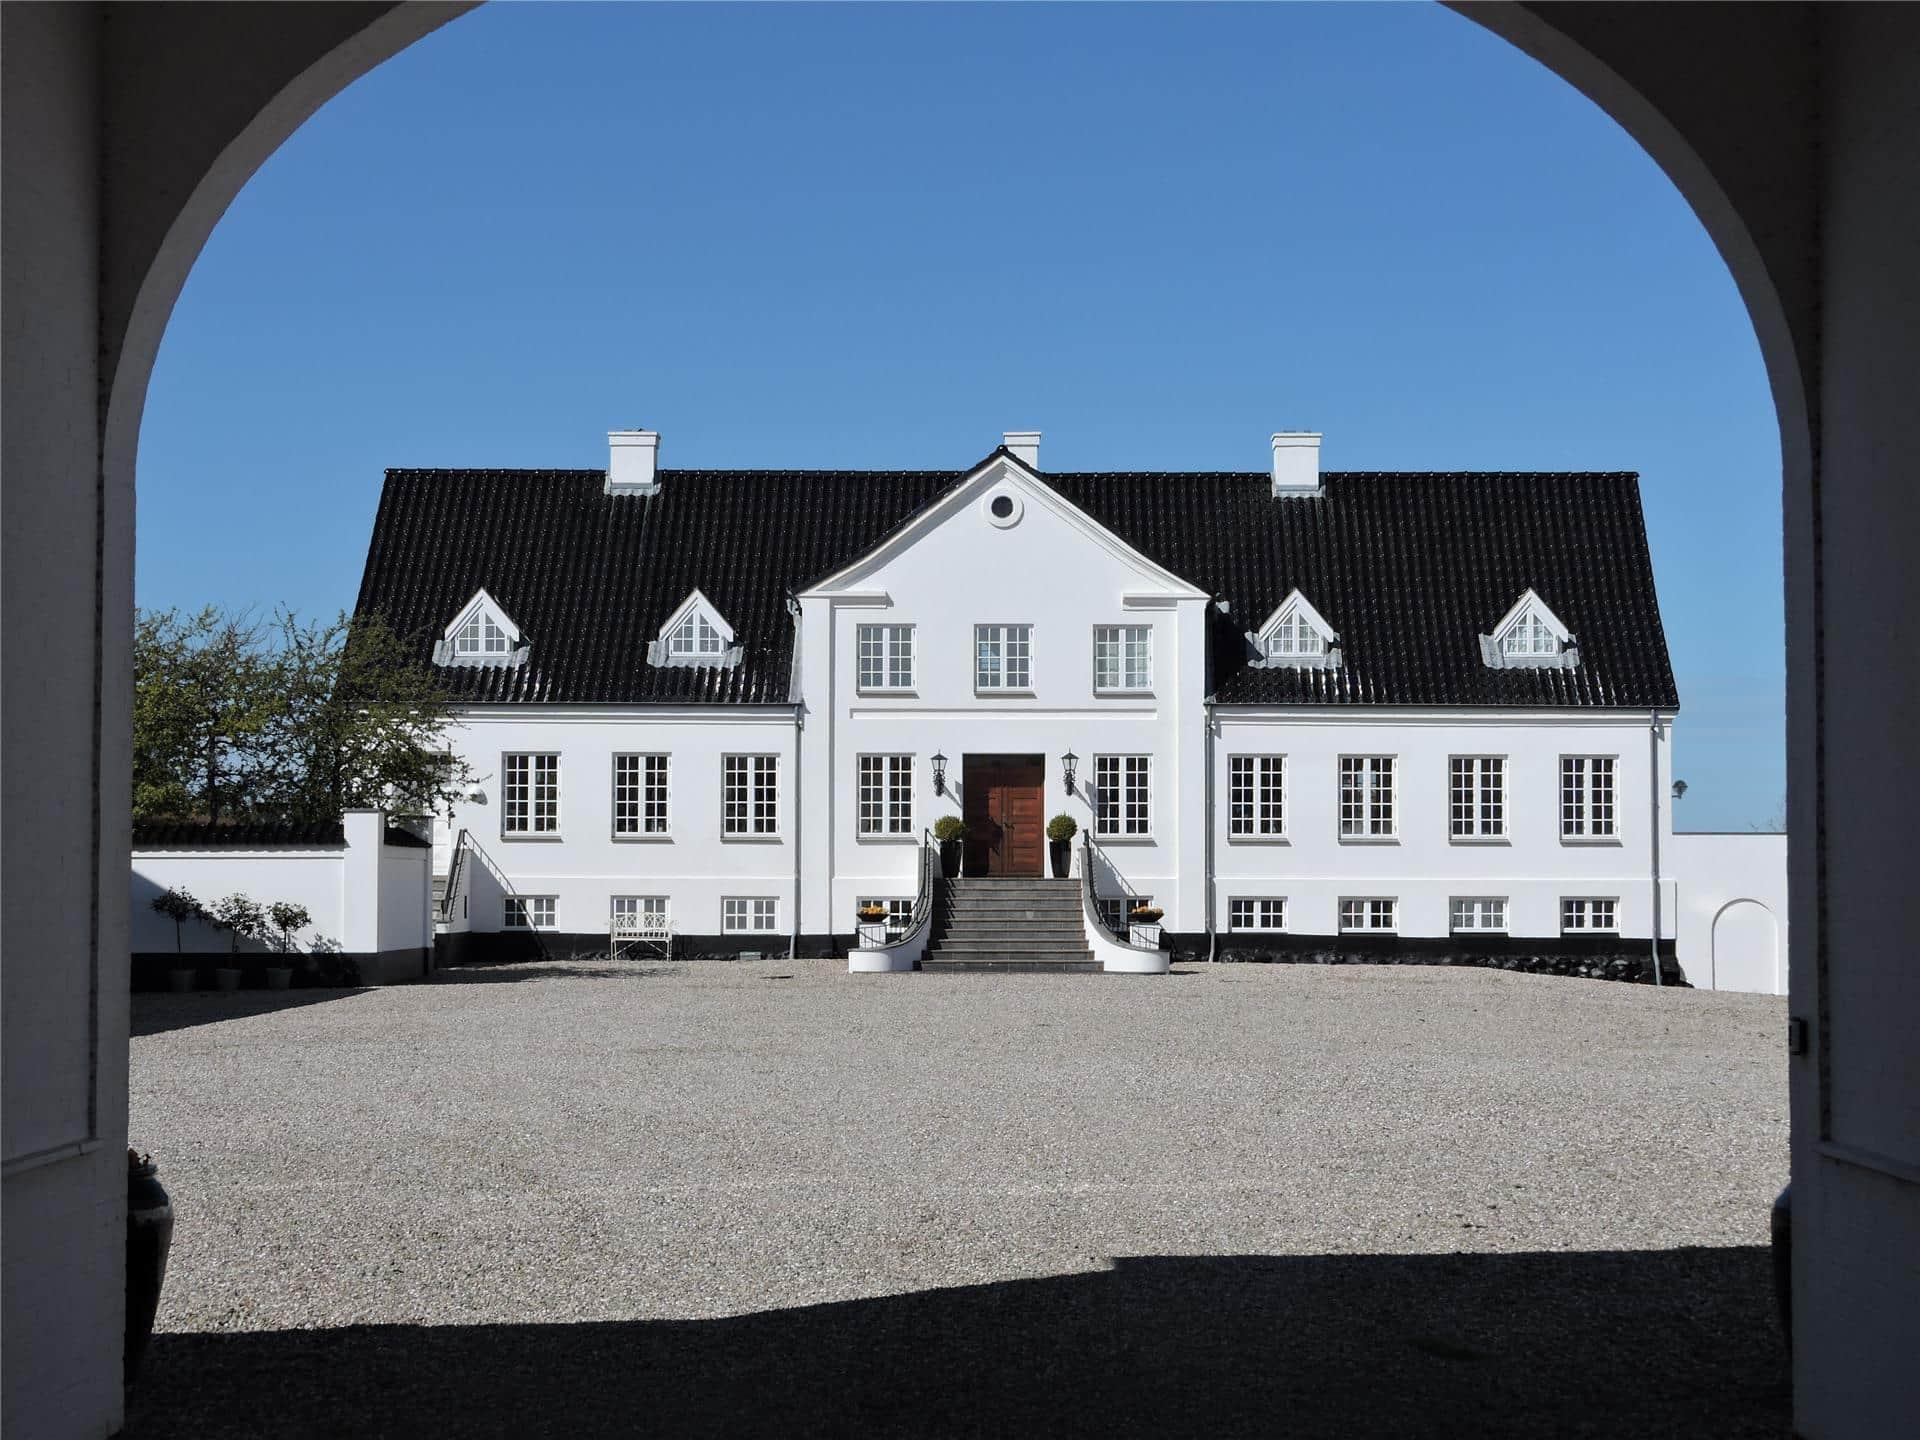 Billede 1-3 Sommerhus M661001, Edelsmindevej 8, DK - 5700 Svendborg